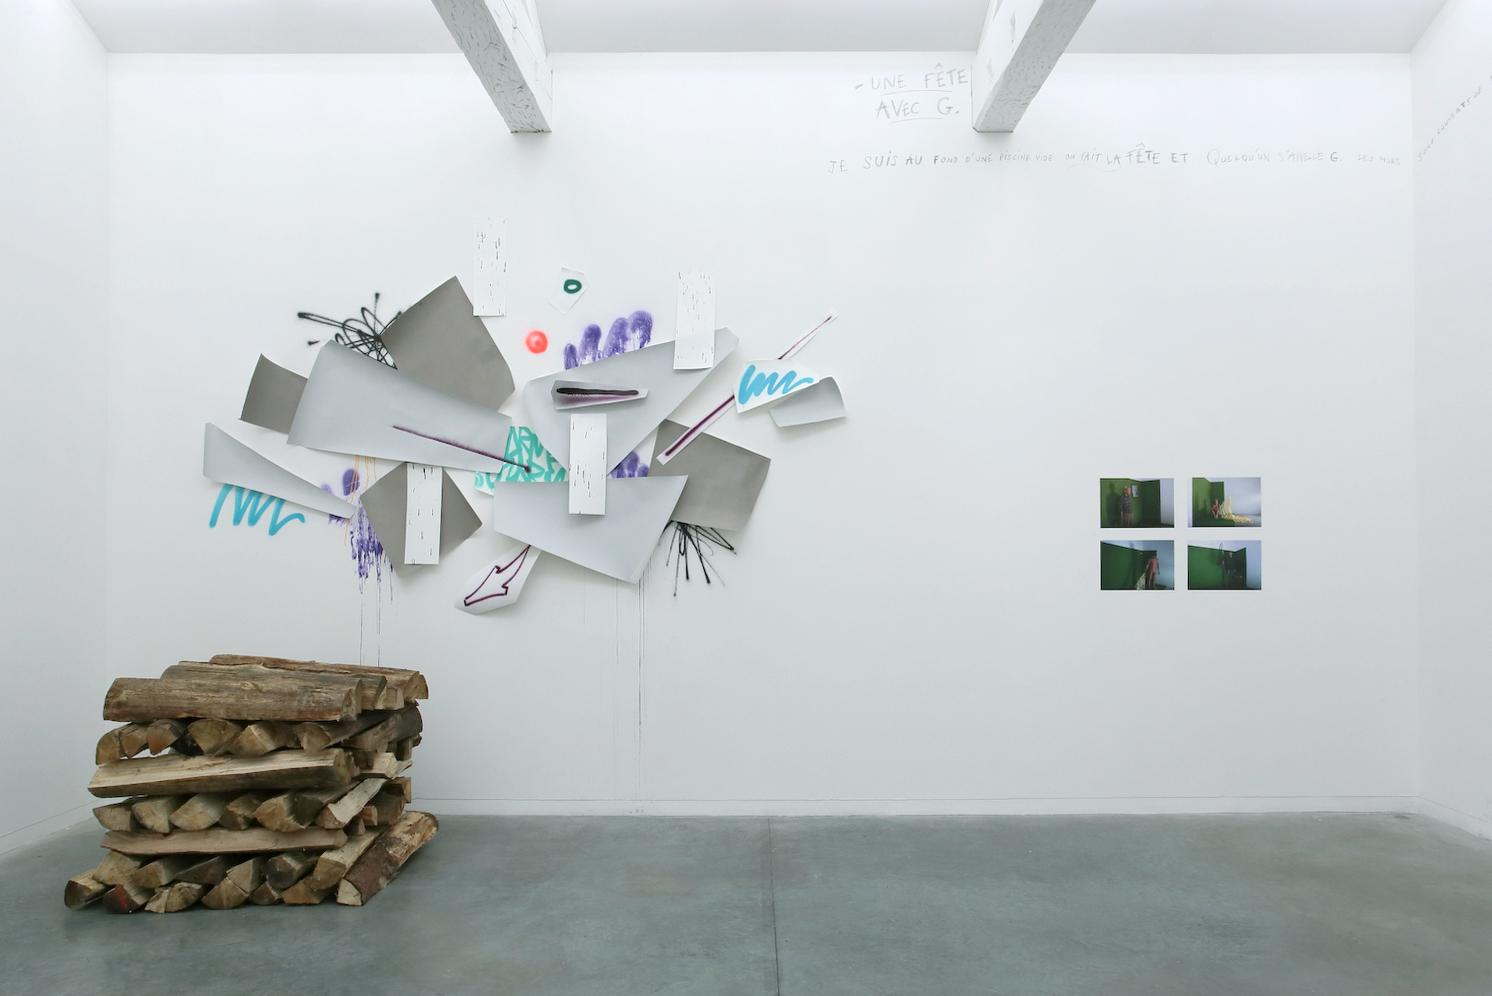 Installation de Guillaume Mathivet (gauche de l'image) Photographies de Emma Charrin et Olivier Muller (droite de l'image) Exposition IMMERSION au CACL - mai 2015